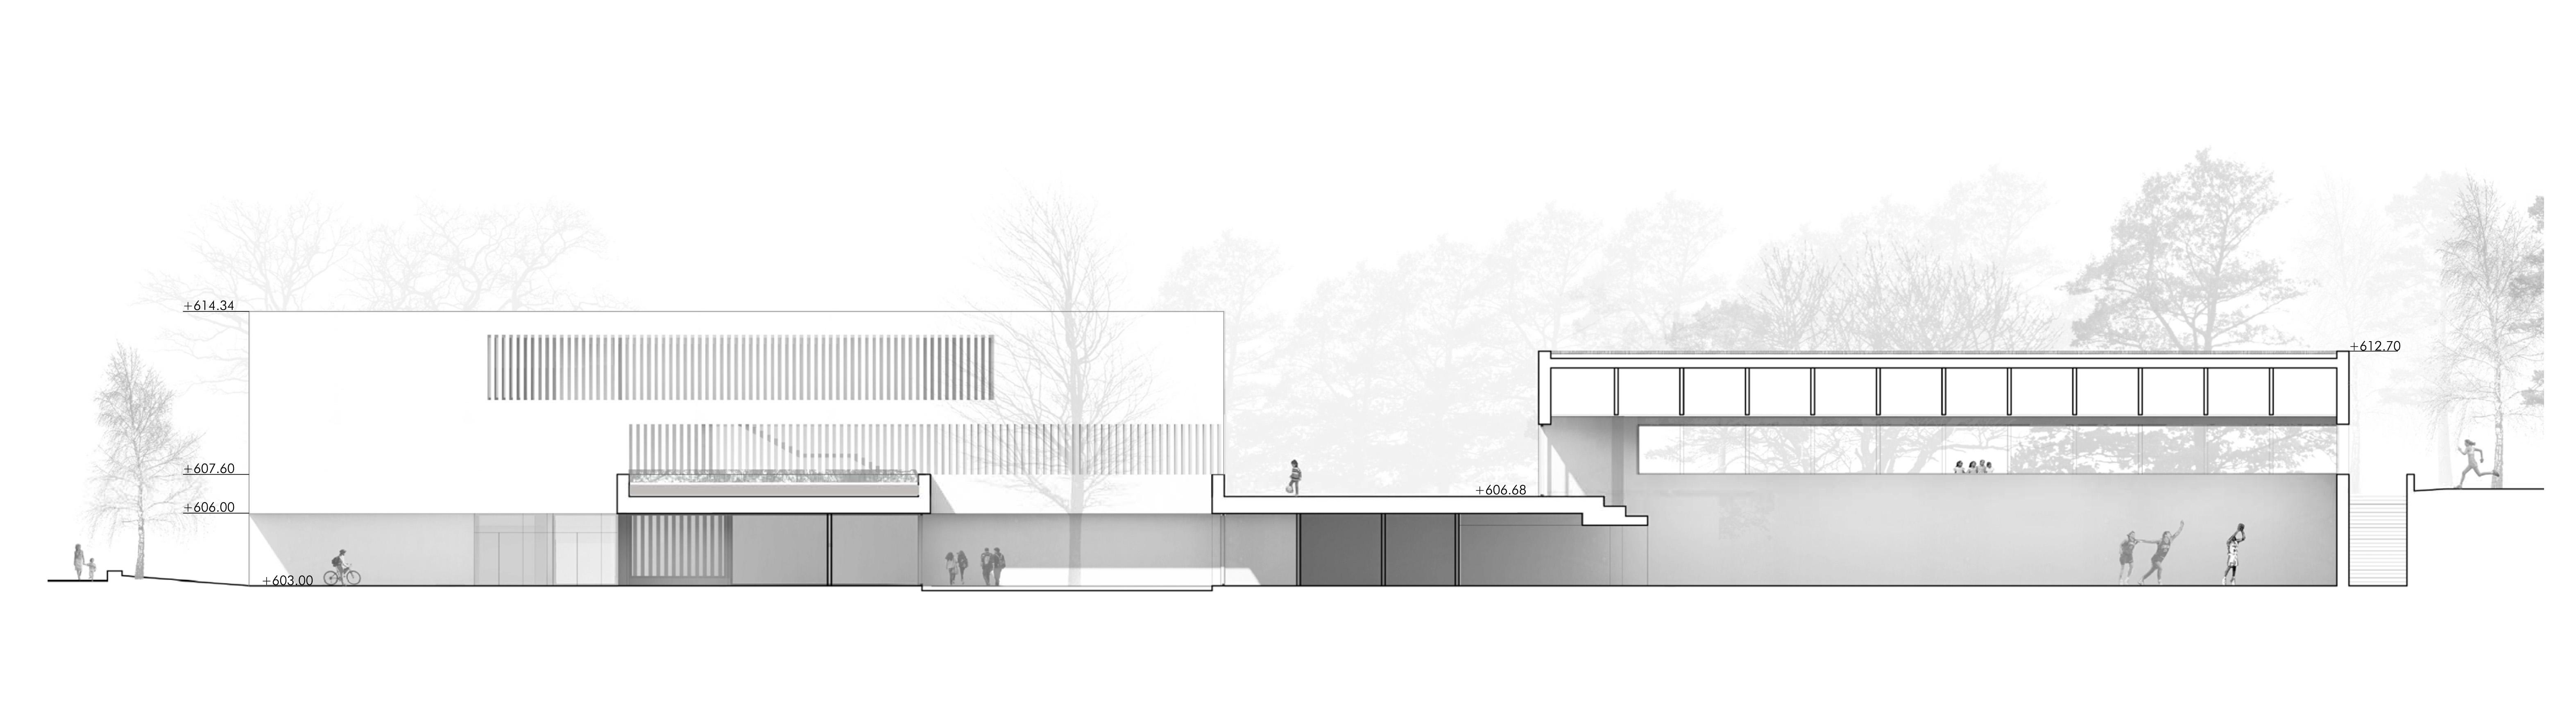 GRANGES PACCOT - Pez Arquitectos